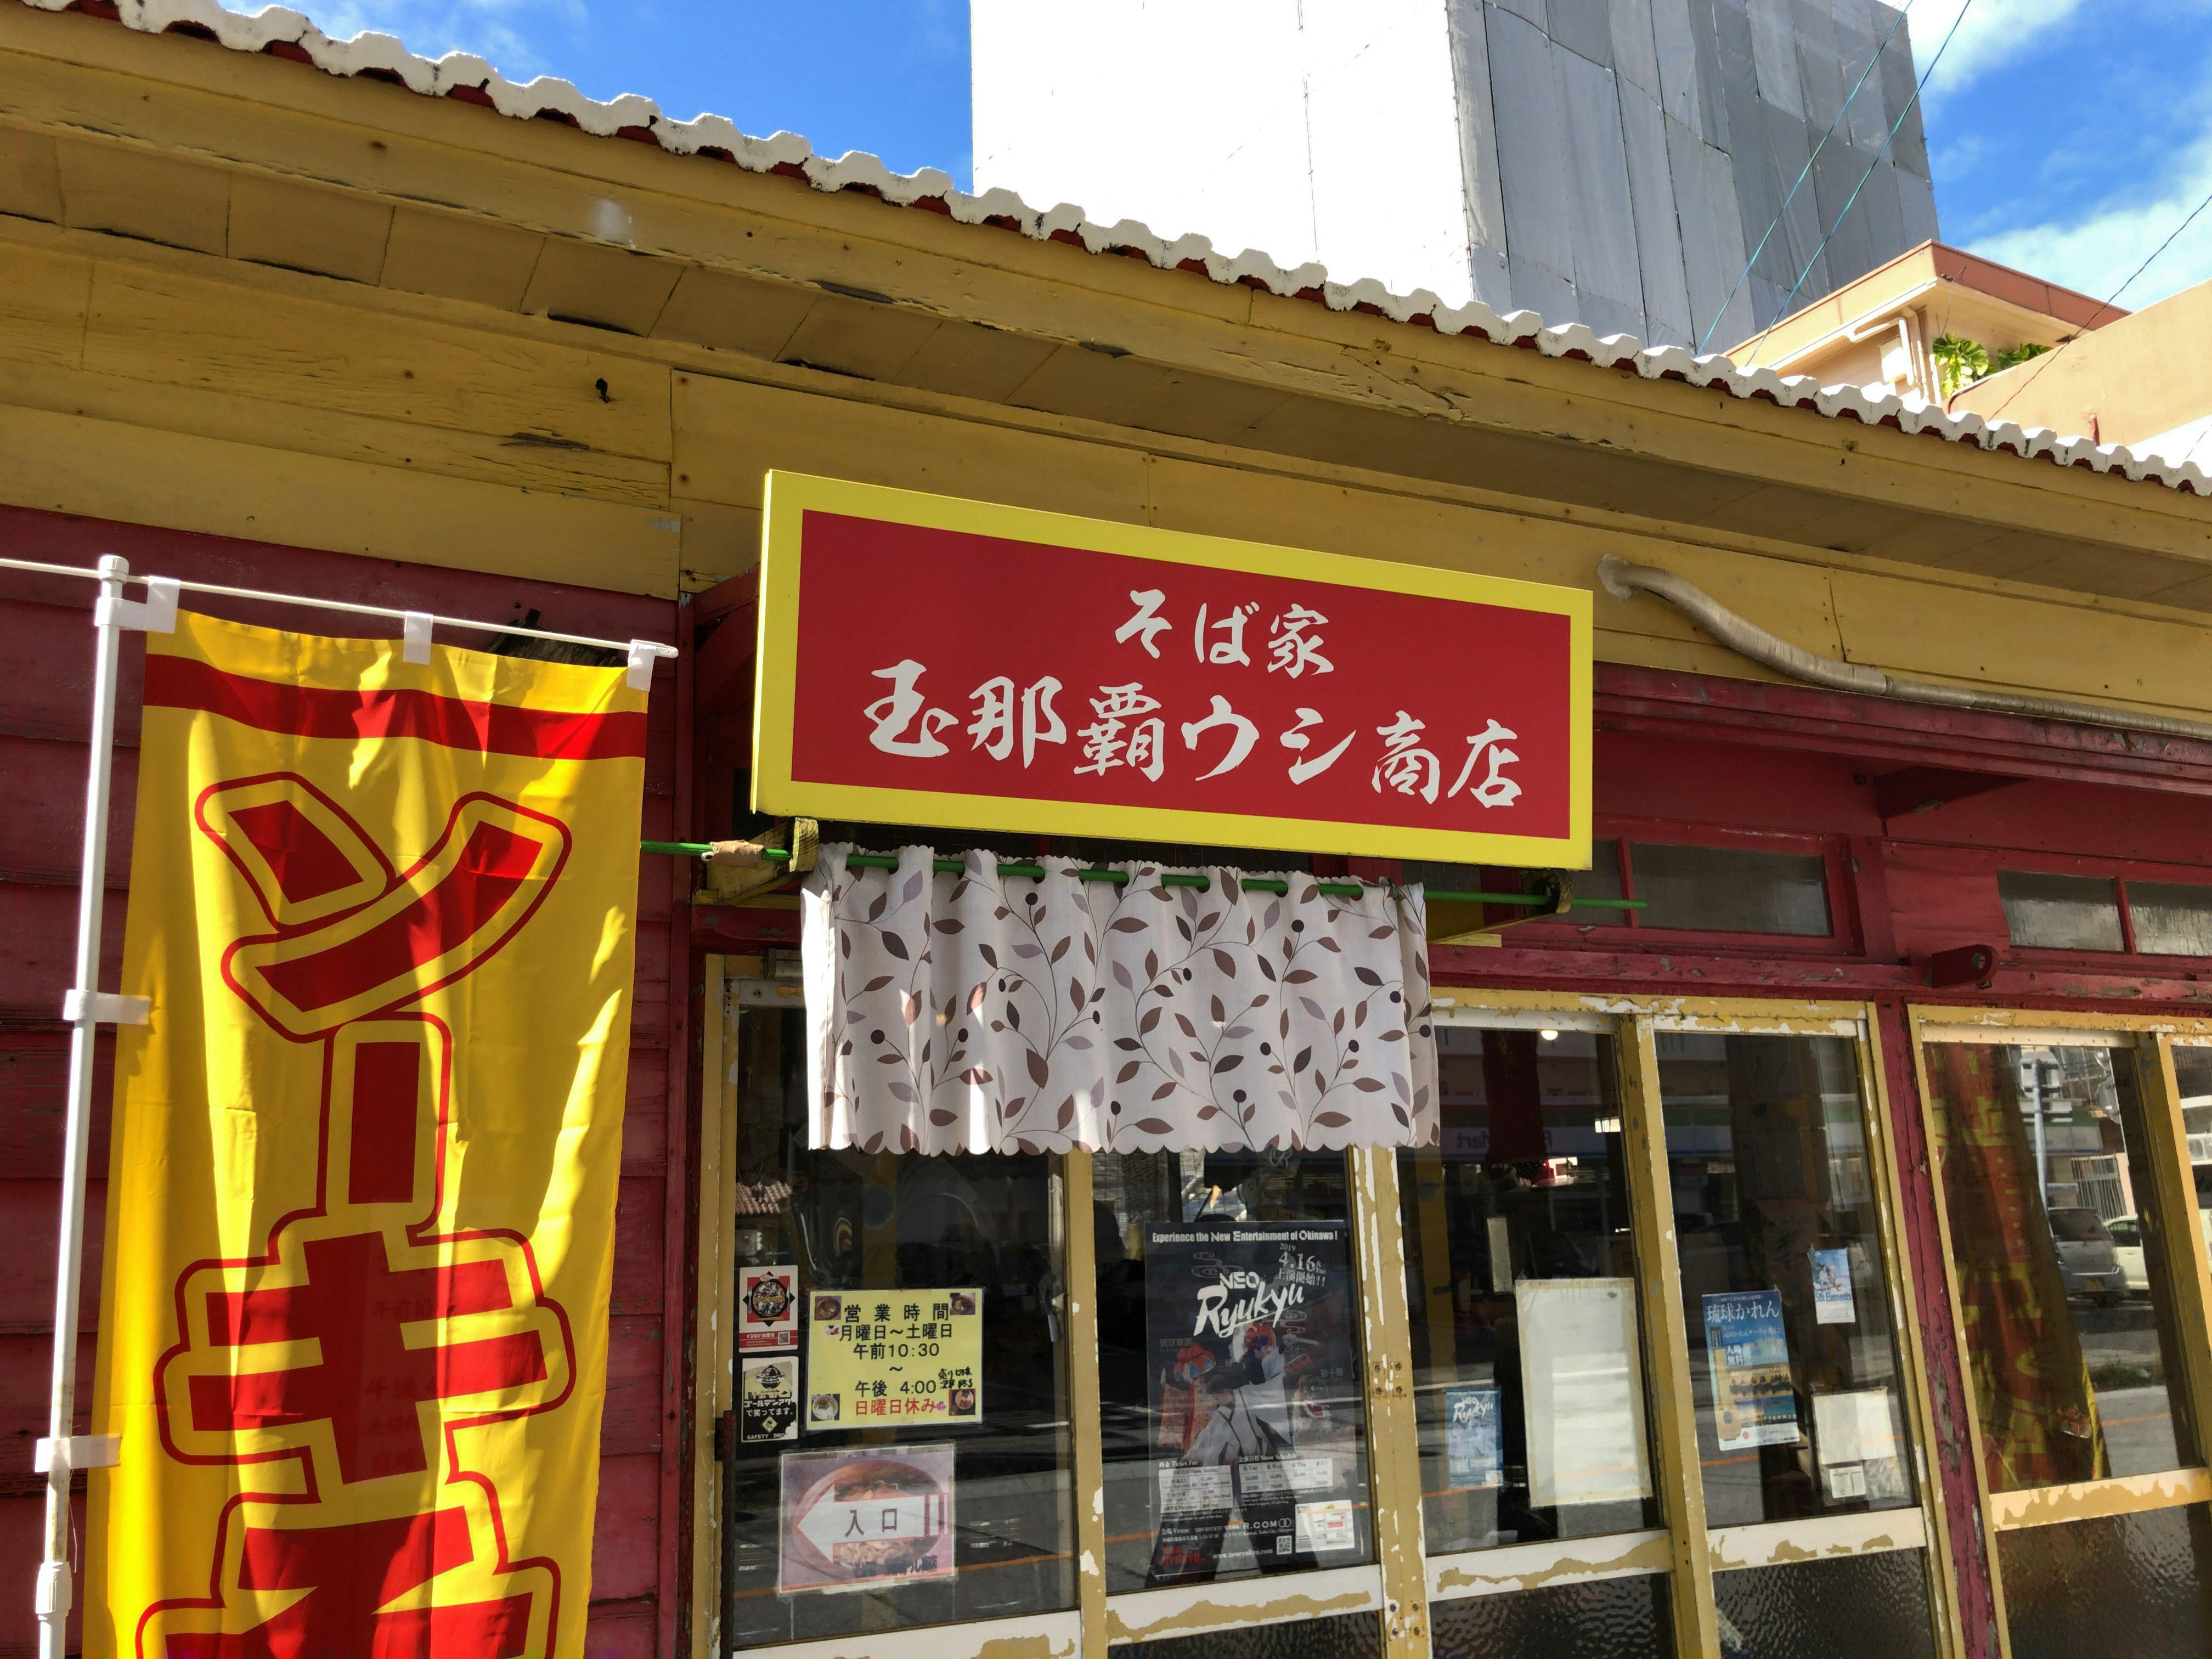 那覇市久米『そば家 玉那覇ウシ商店』限定50食は絶対に食べる価値あり